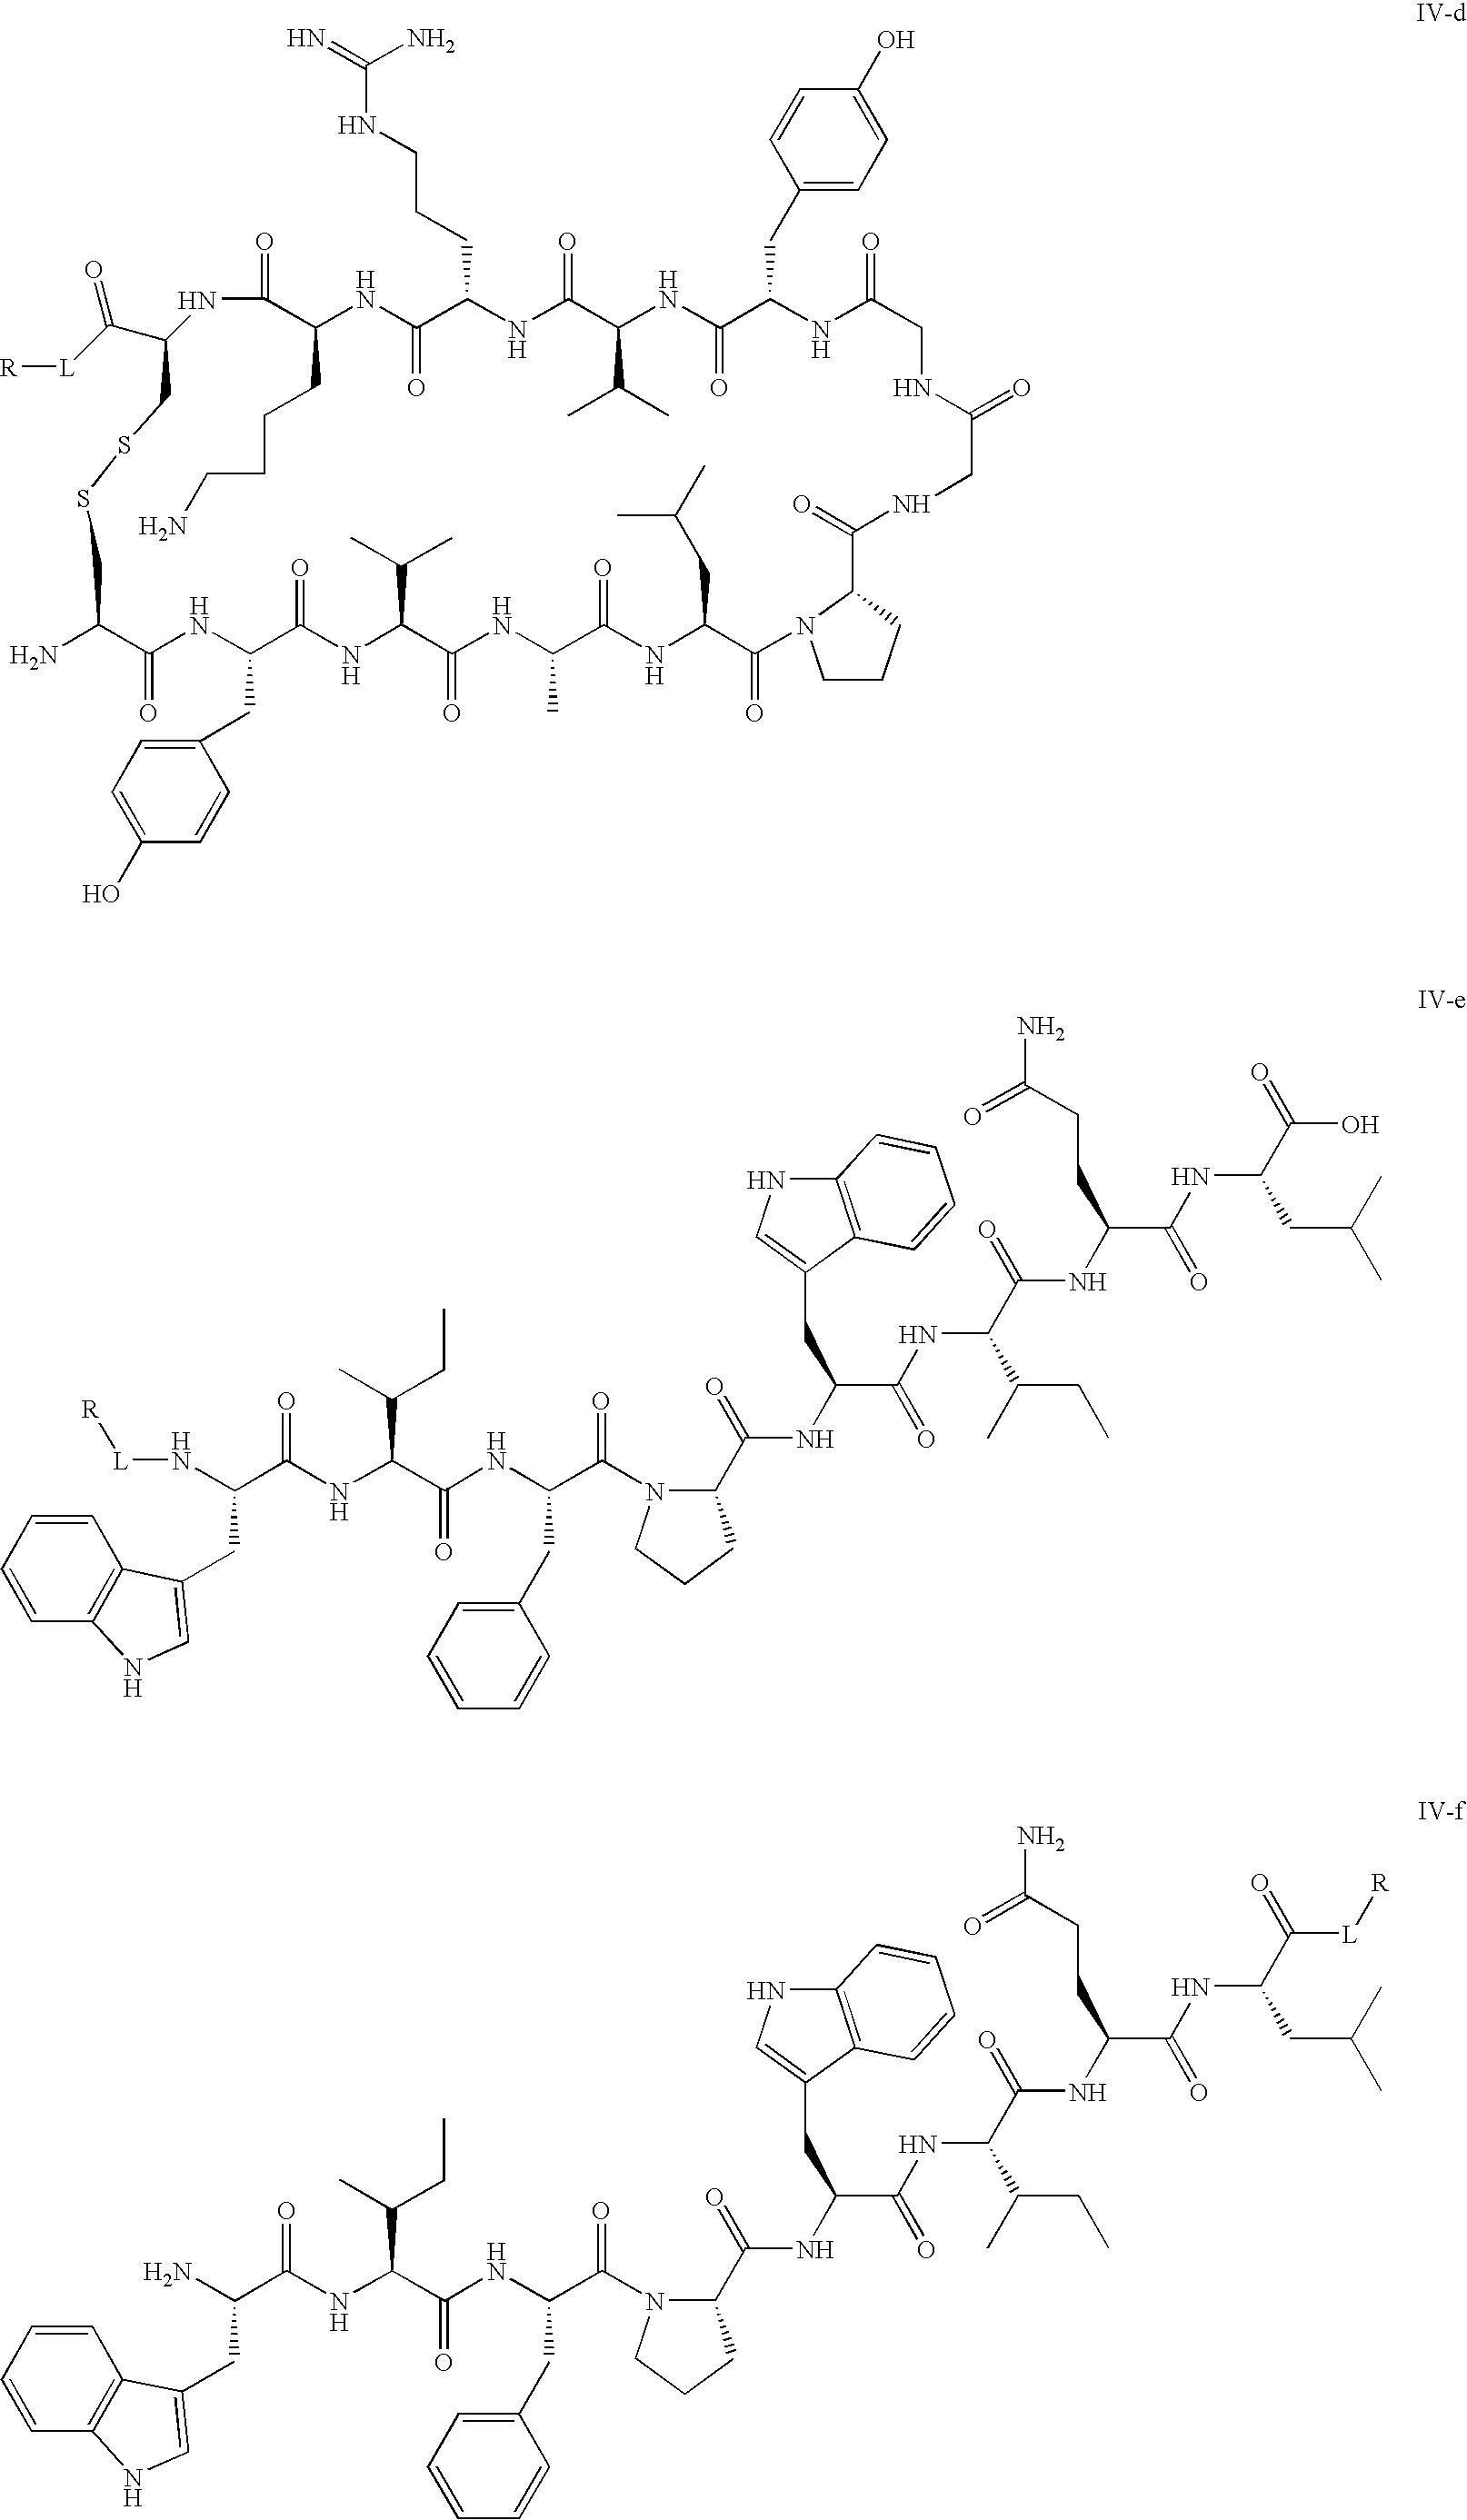 Figure US20090110662A1-20090430-C00014